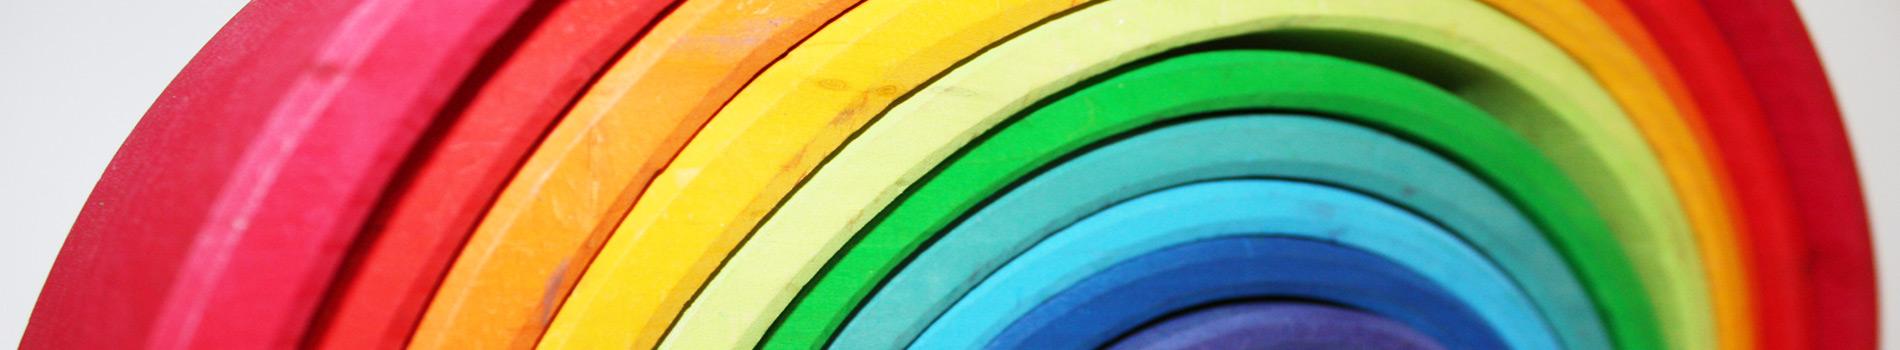 Regenbogen1900_350